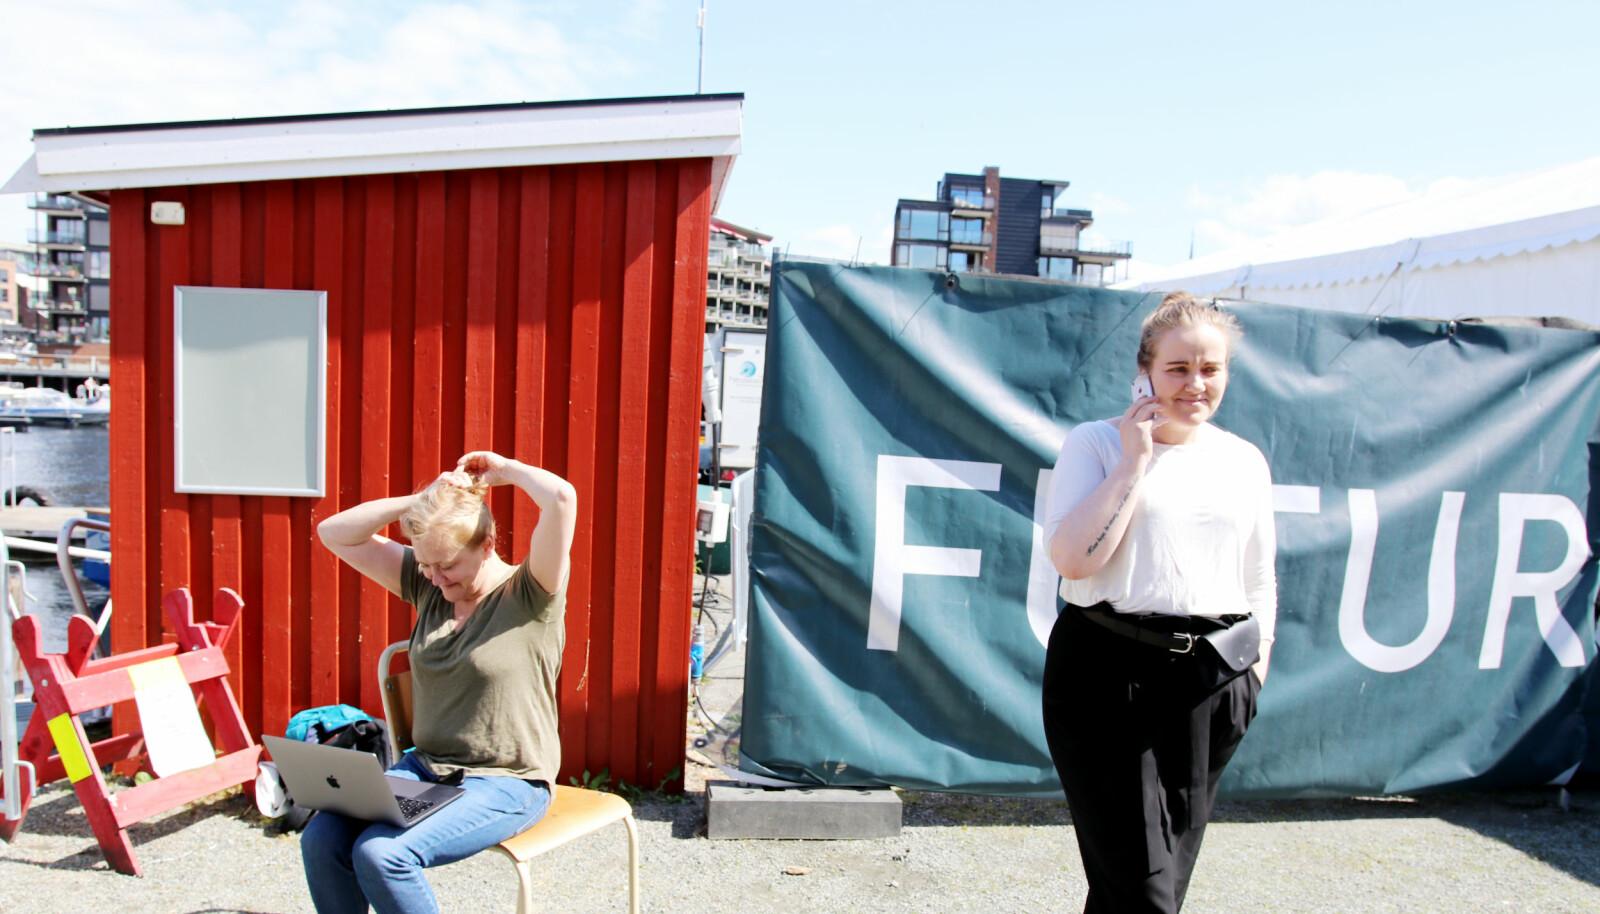 Backstage på Futurum, utstillinga der ulike næringsaktørar og gründarar viser fram framtida, som allereie strekker seg inn i notida. Heidi Bjerkan (til venstre) og Karoline Kaspersen i ein pause frå kompostutstillinga. Foto: Njord V. Svendsen